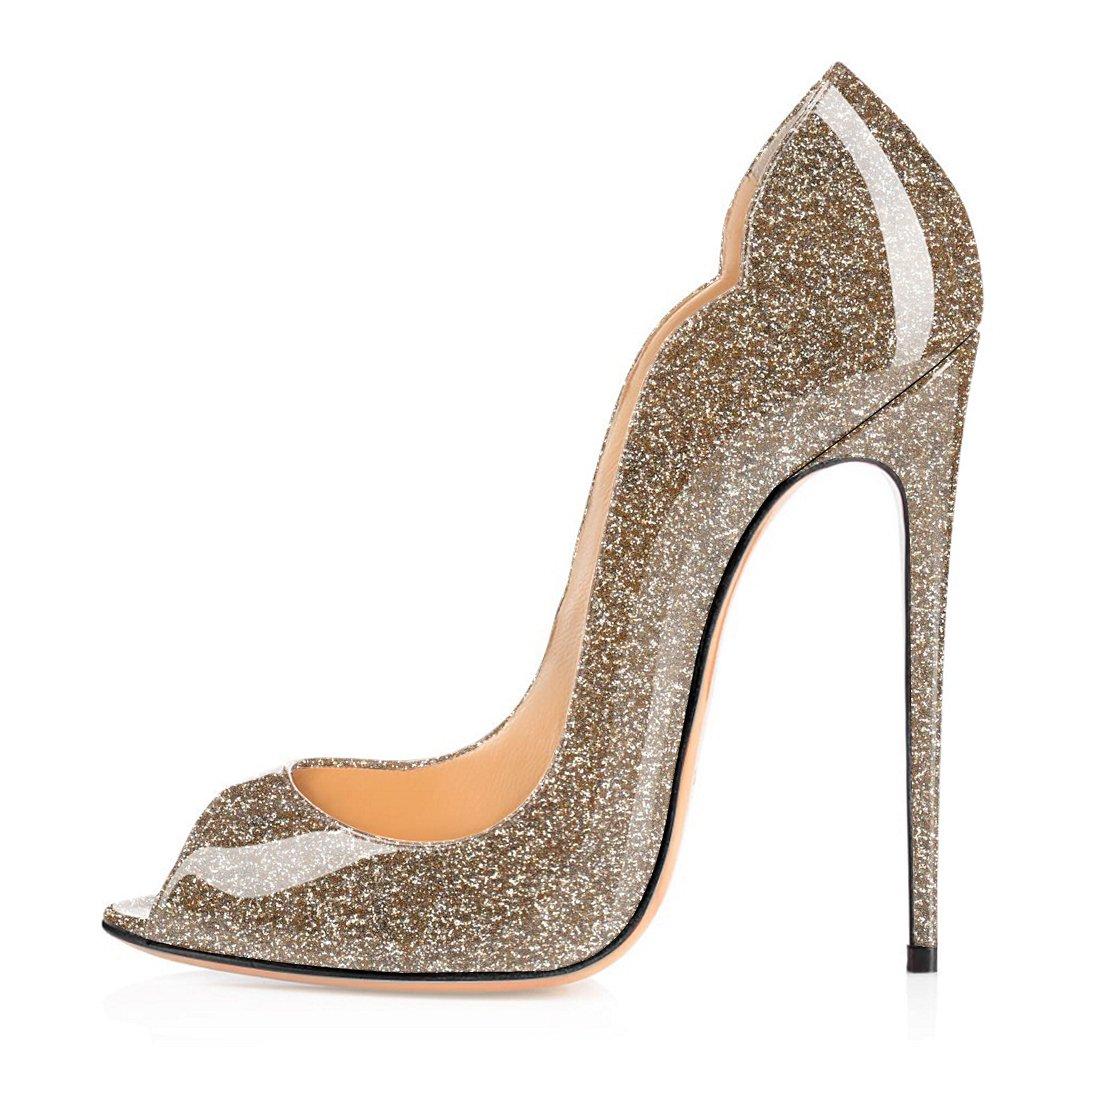 Soireelady - Zapatos con tacón Mujer 38 EU|Glitter-gold